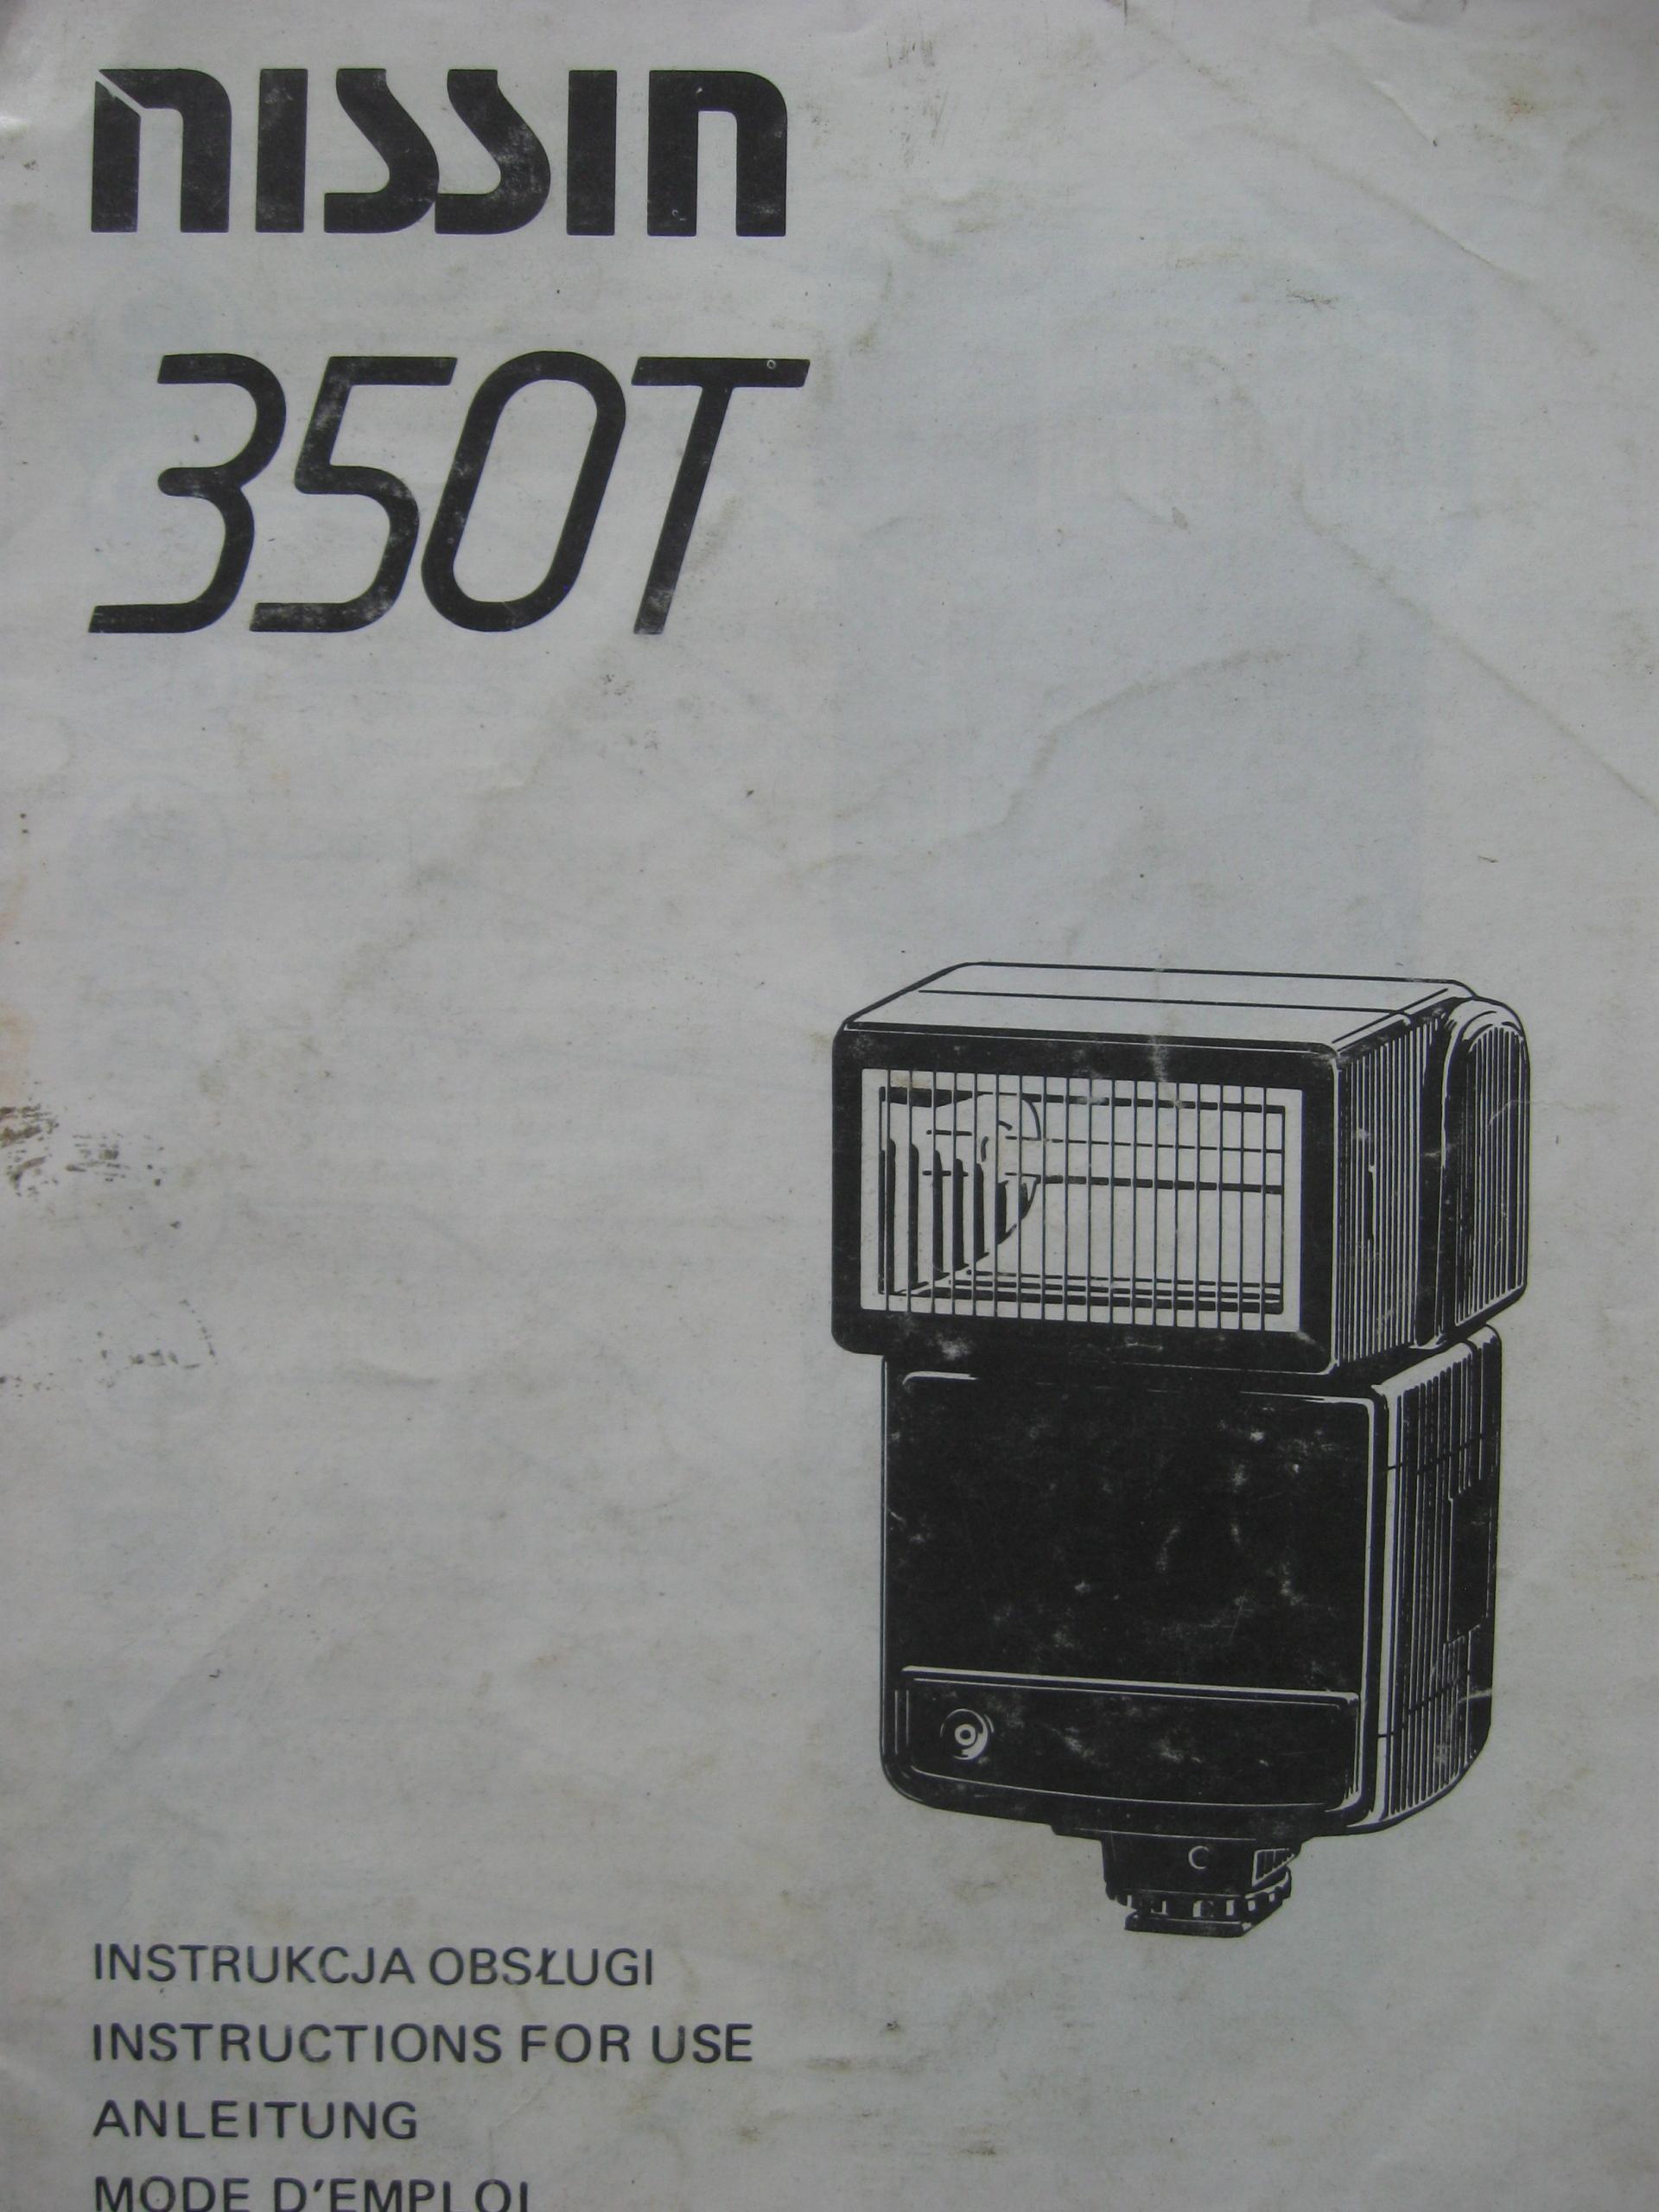 Flash Nissin 350T inštrukcie